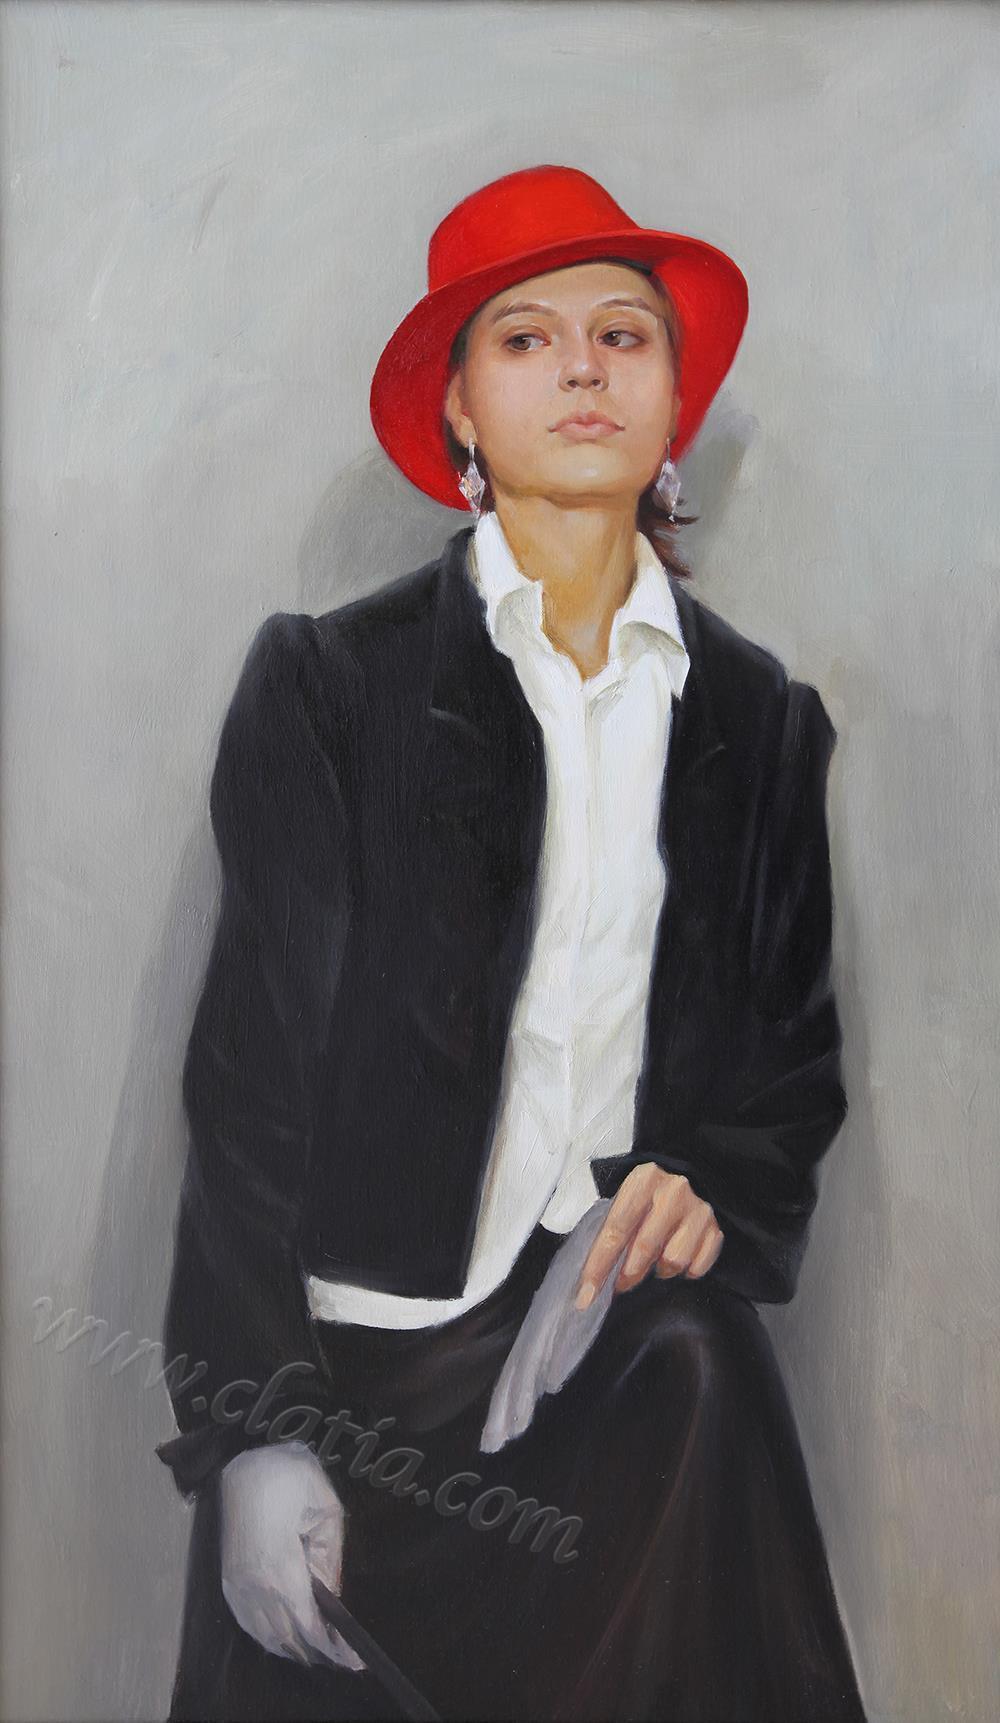 戴红帽子的女模特 - 油画